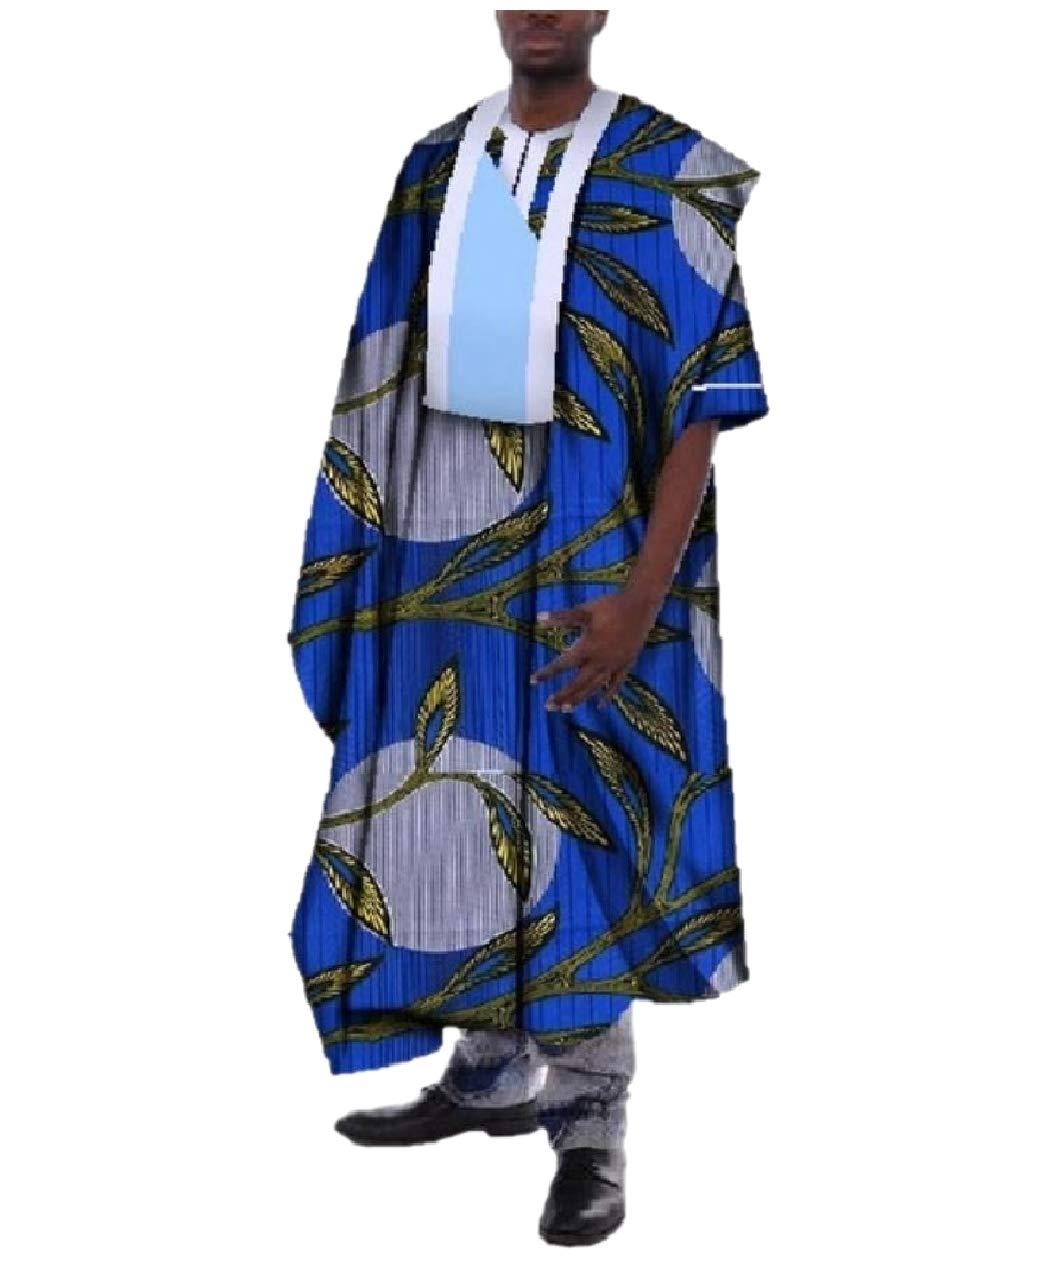 Tootless Men Premium Dashiki African Printed Ankle Length Back Cotton Robe Dark Blue 5XL